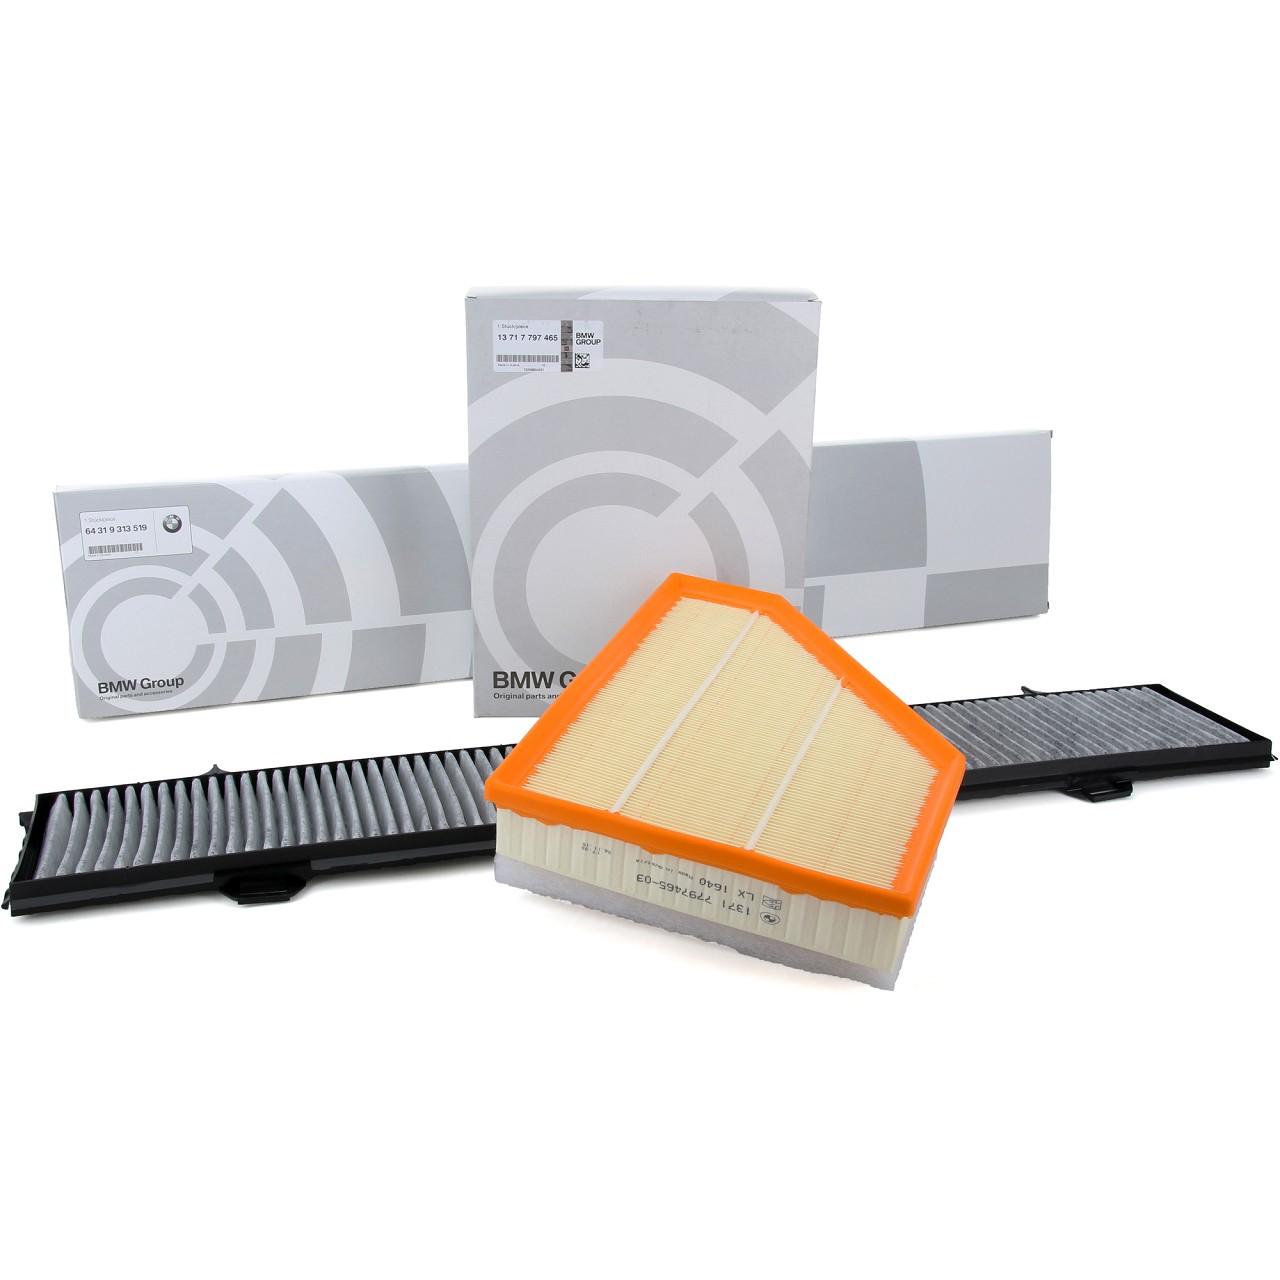 ORIGINAL BMW Inspektionskit E81 E82 E87 E88 116-123d E90 E91 E92 E93 316-335d